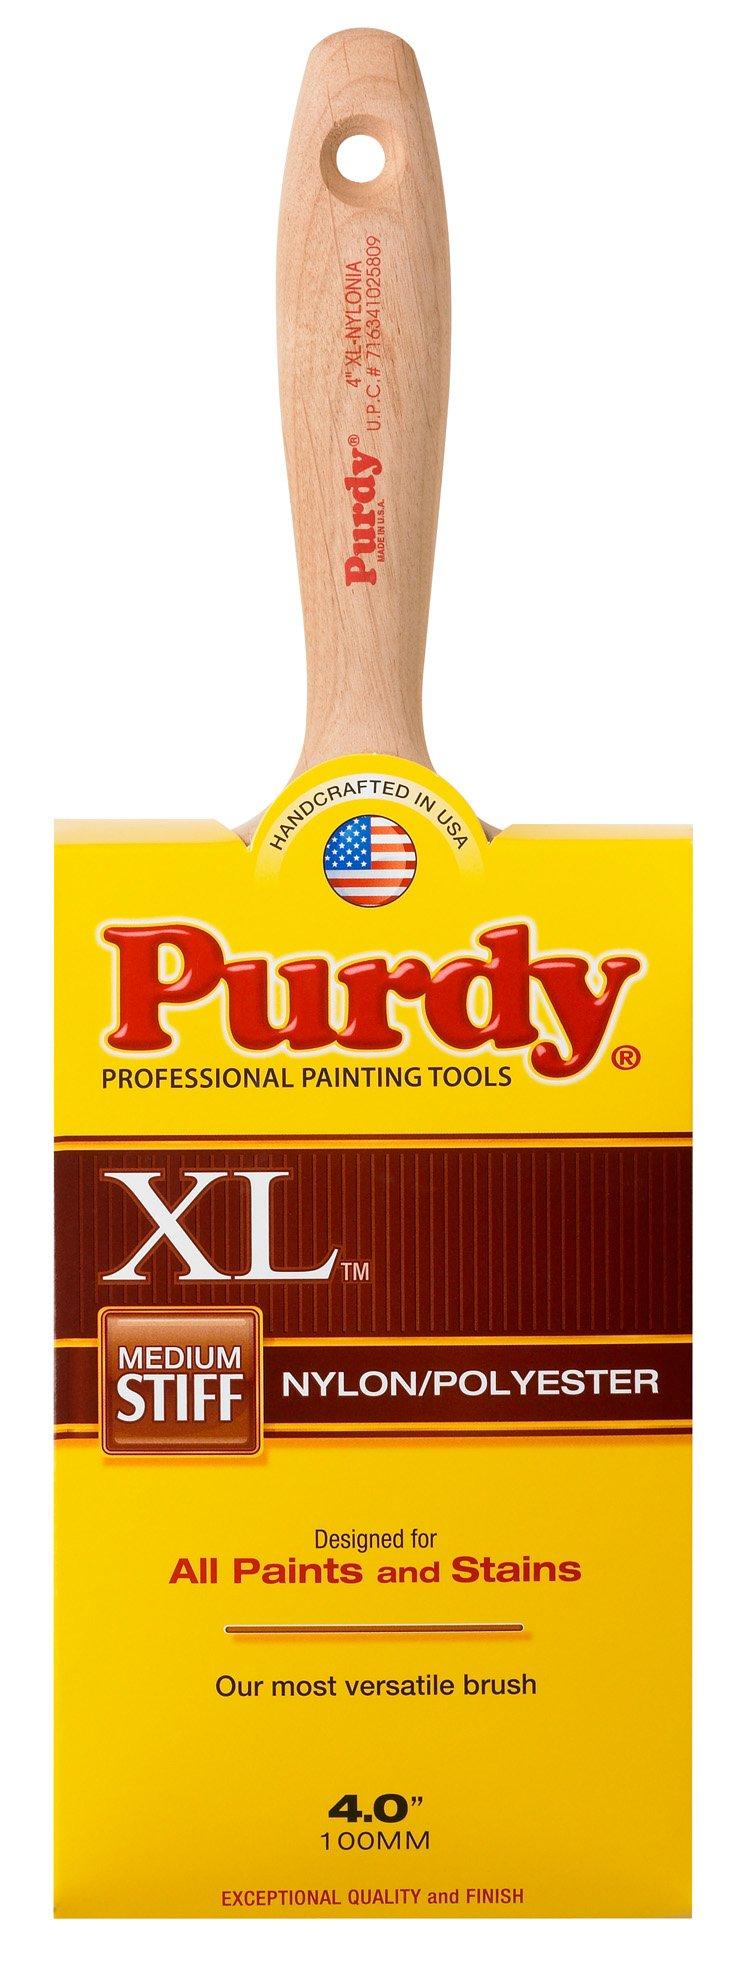 Purdy 144264340 4-Inch Wall Nylon Brush